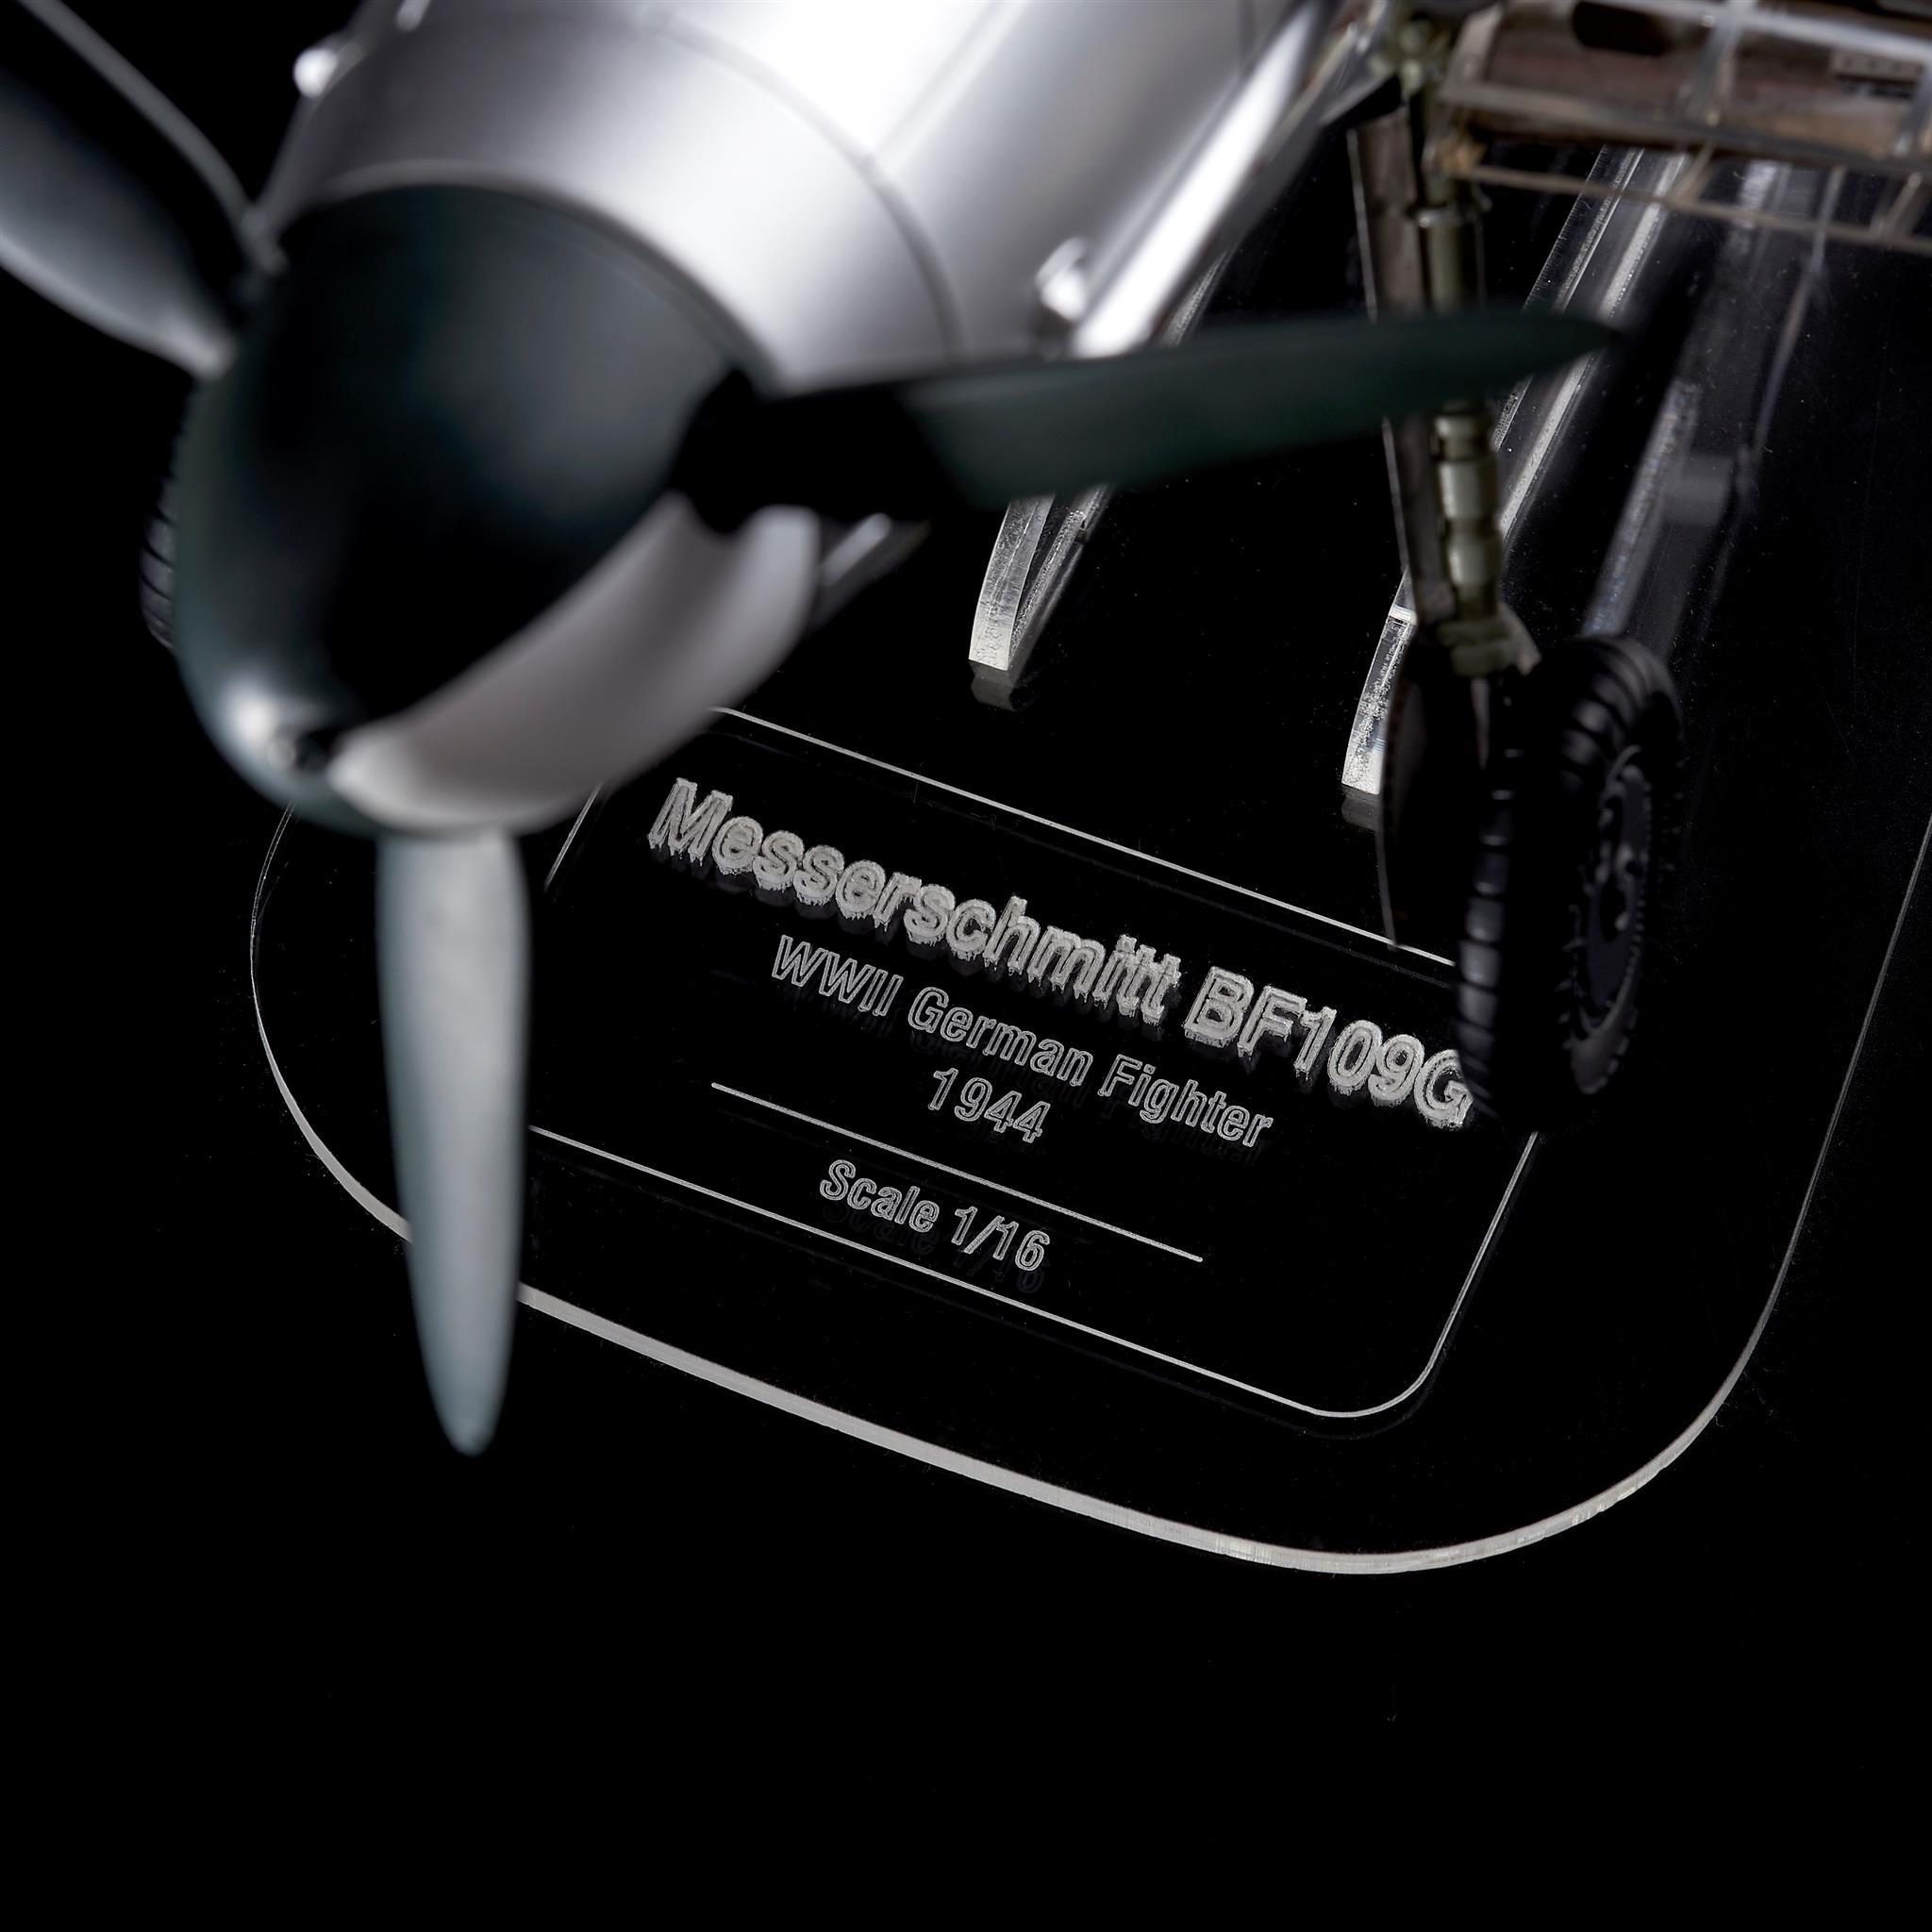 Maqueta del caza alemán Messerschmitt BF 109G.